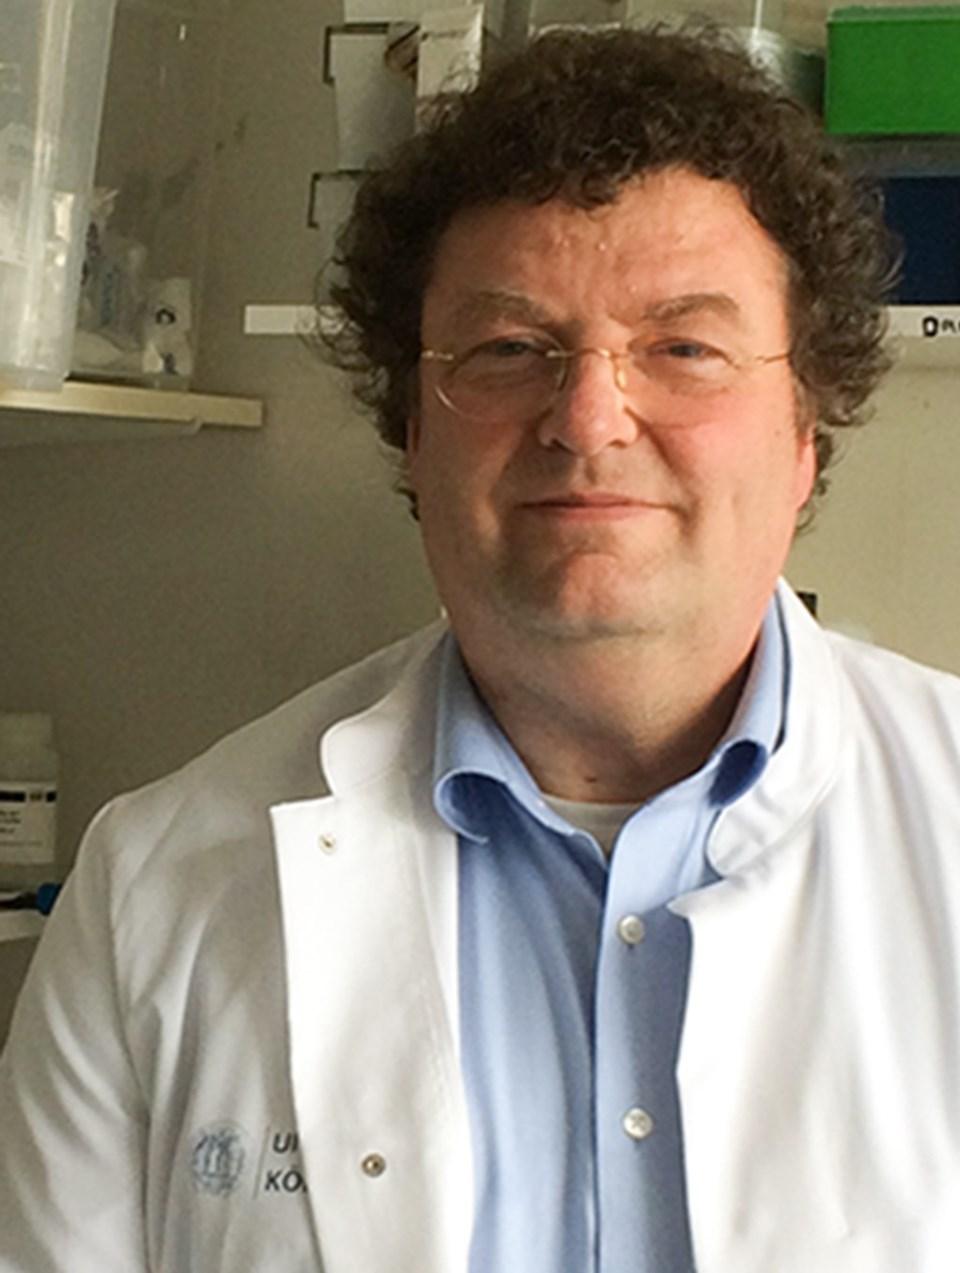 Prof. Jürgen Hescheler